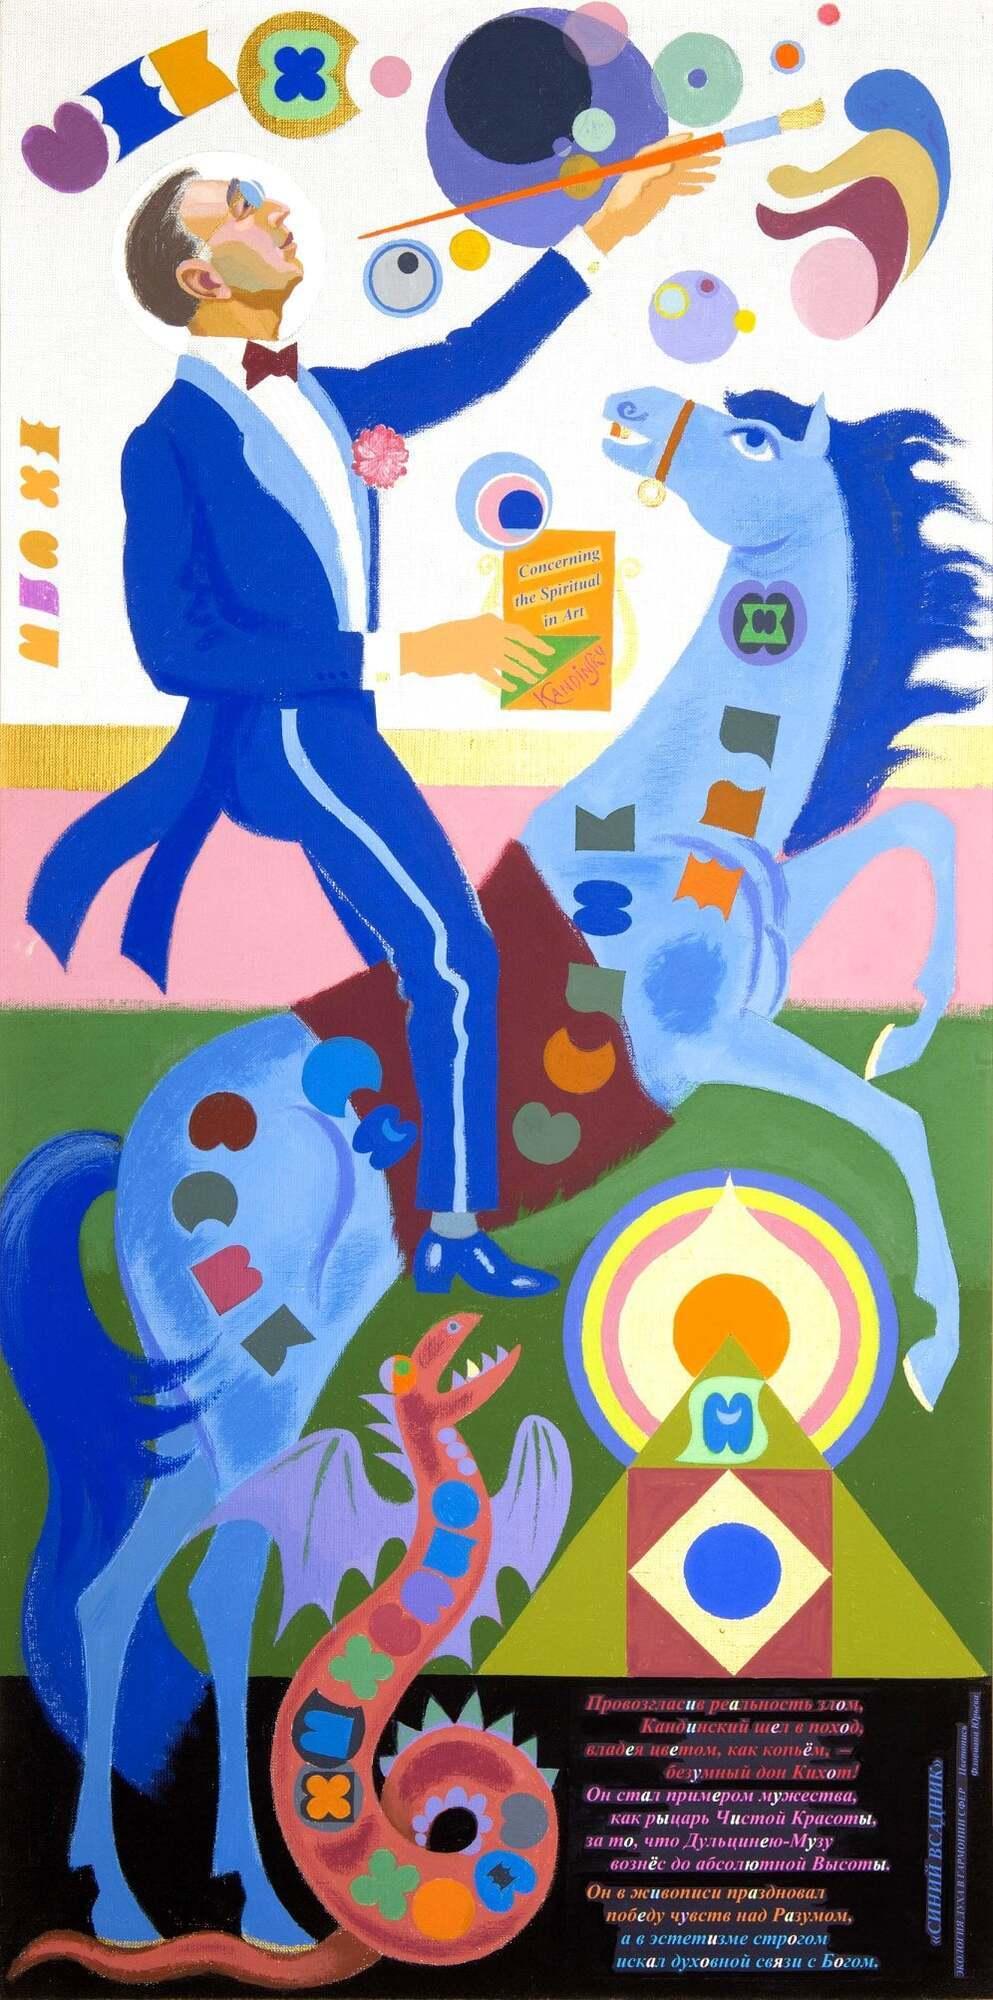 """Флоріан Юр'єв. Портрет-модус Кандинський """"Синій вершник"""". Полотно, темпера. 1984 р. 101х52."""